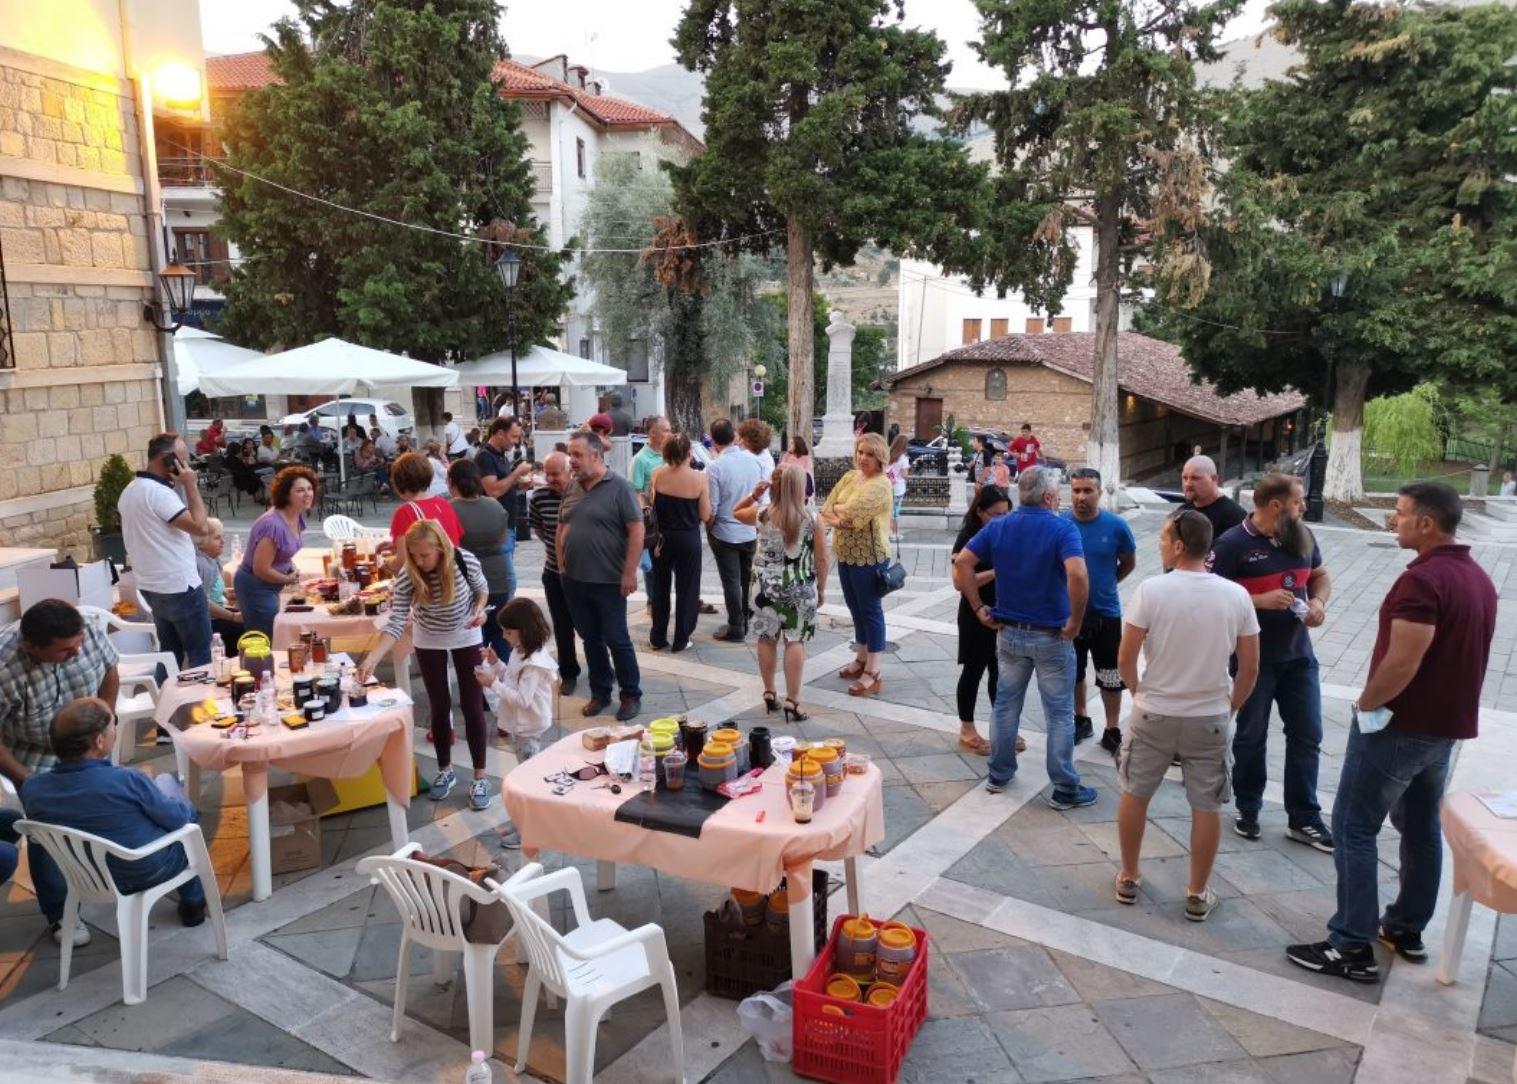 kozan.gr: Πετυχημένη η γιορτή μελιού στη Σιάτιστα από την ΚΟΙΝ.Σ.ΕΠ ΙΡΙΣ